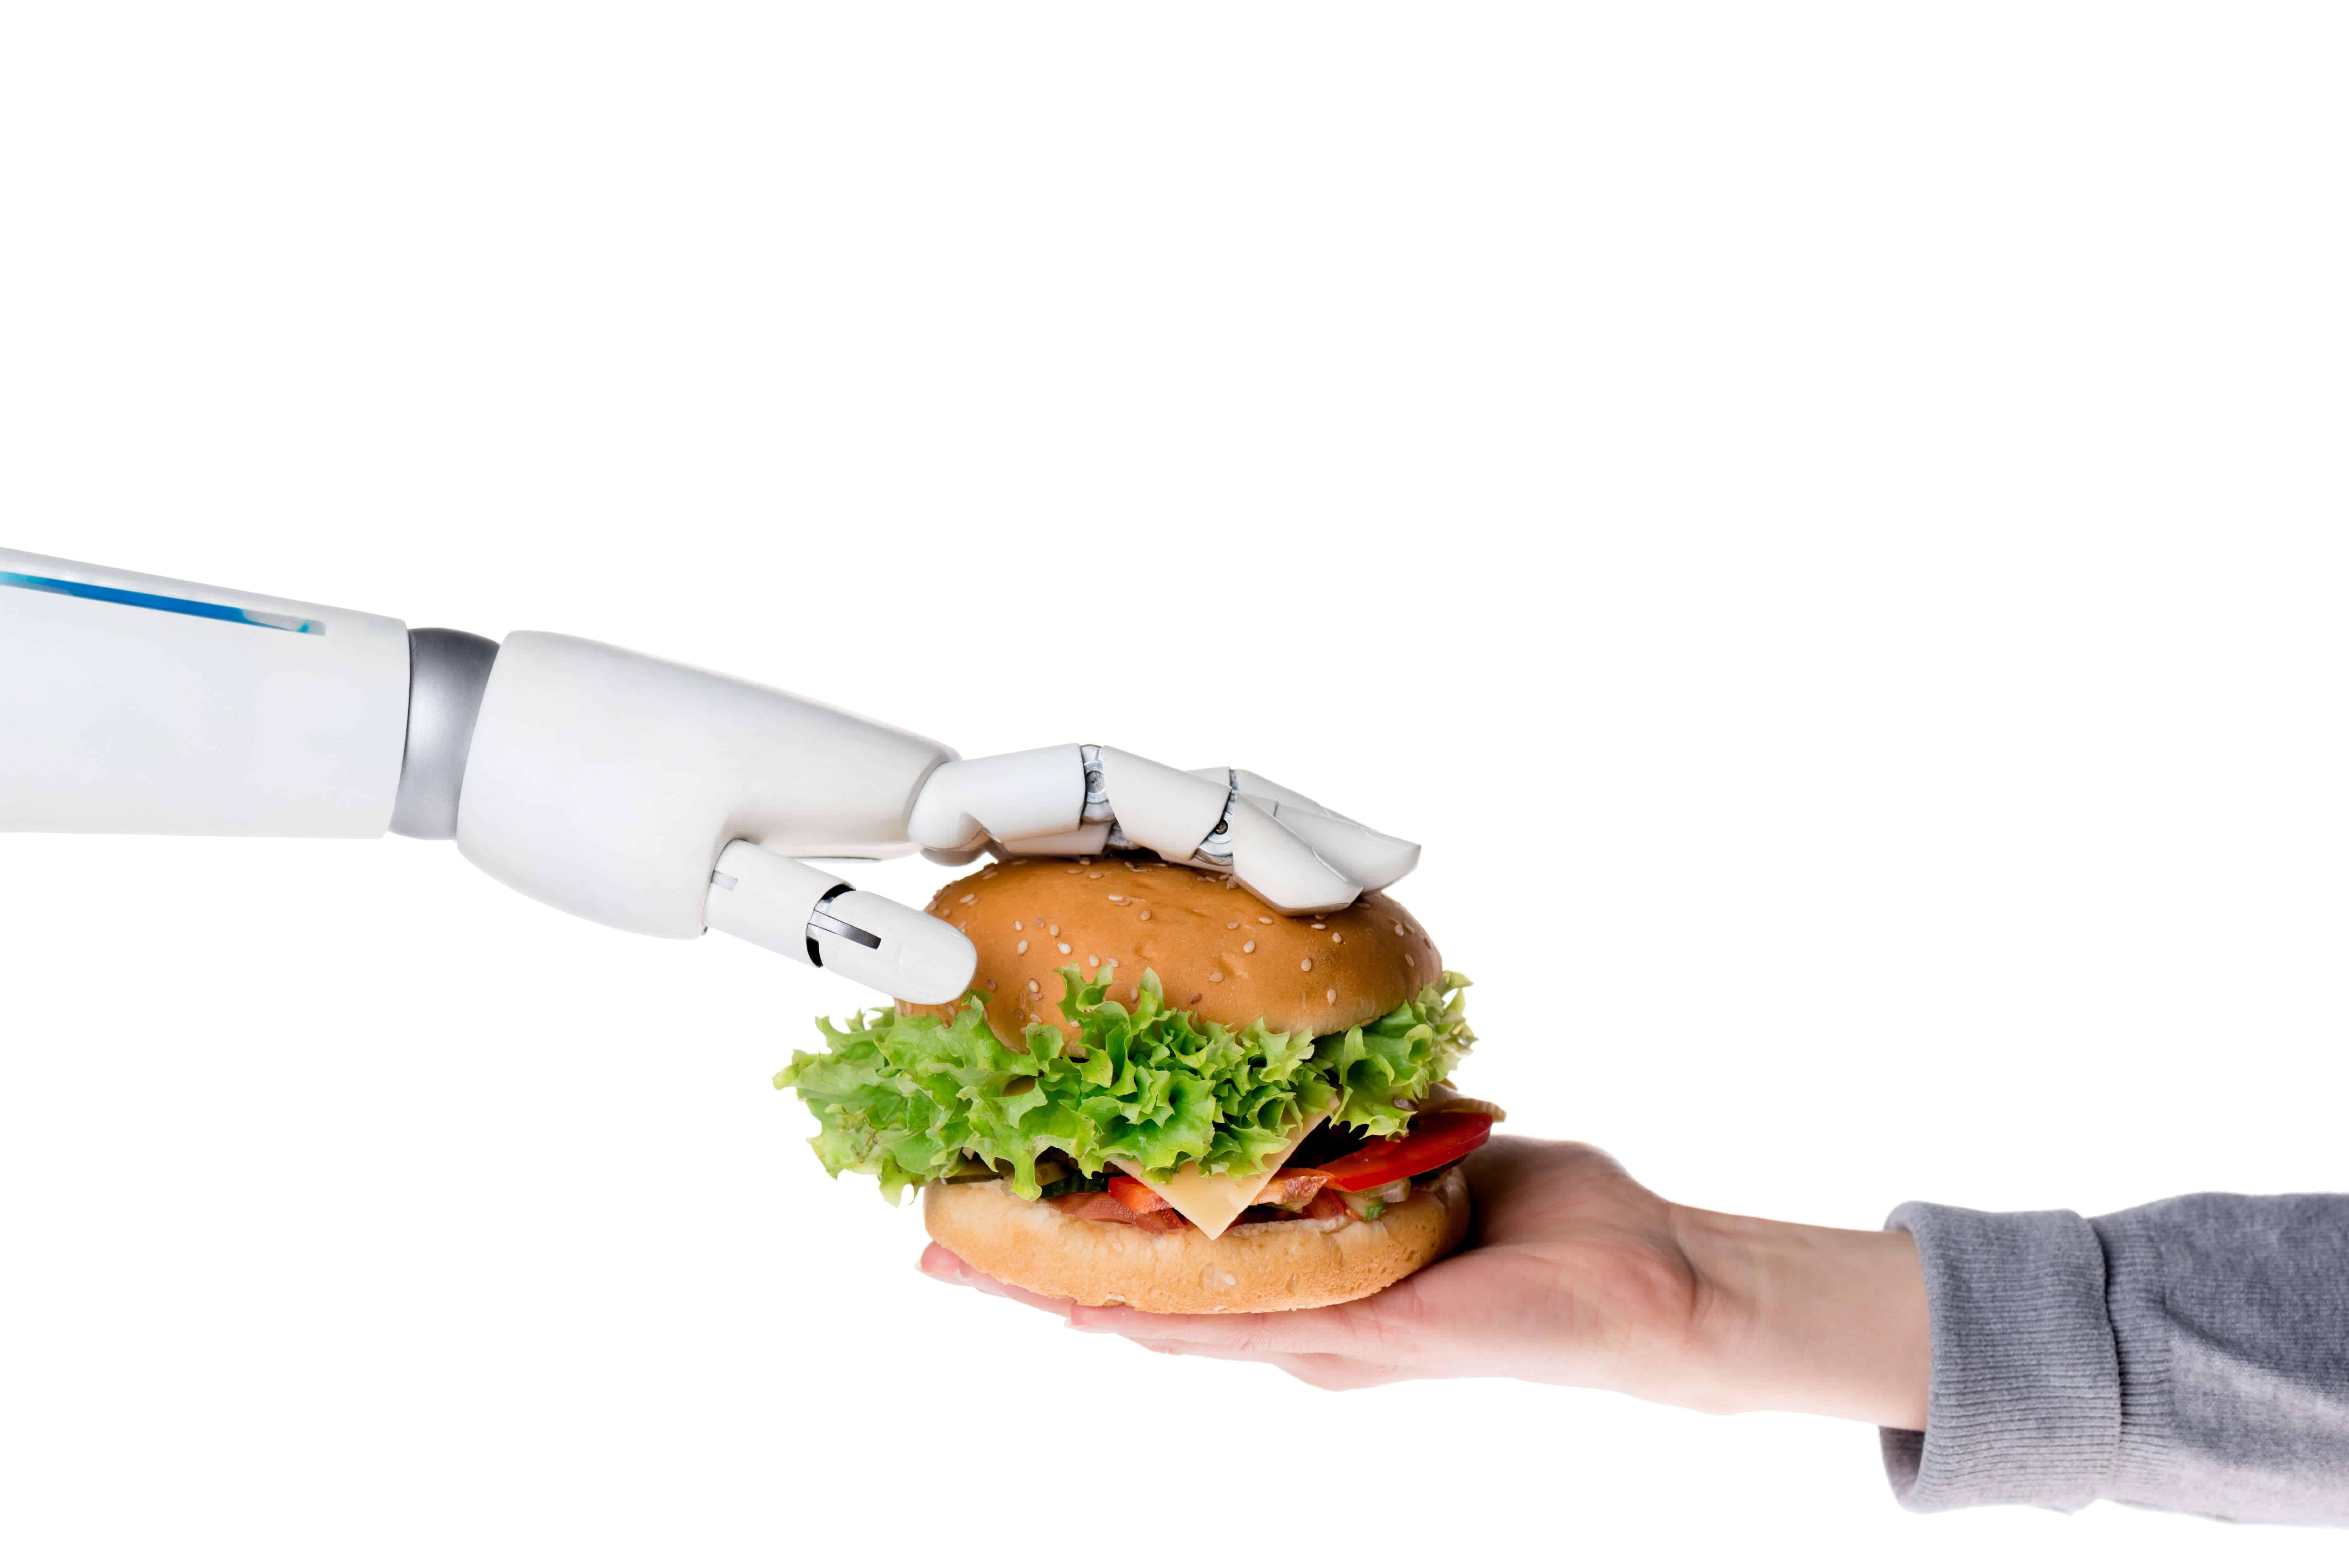 robot and burger